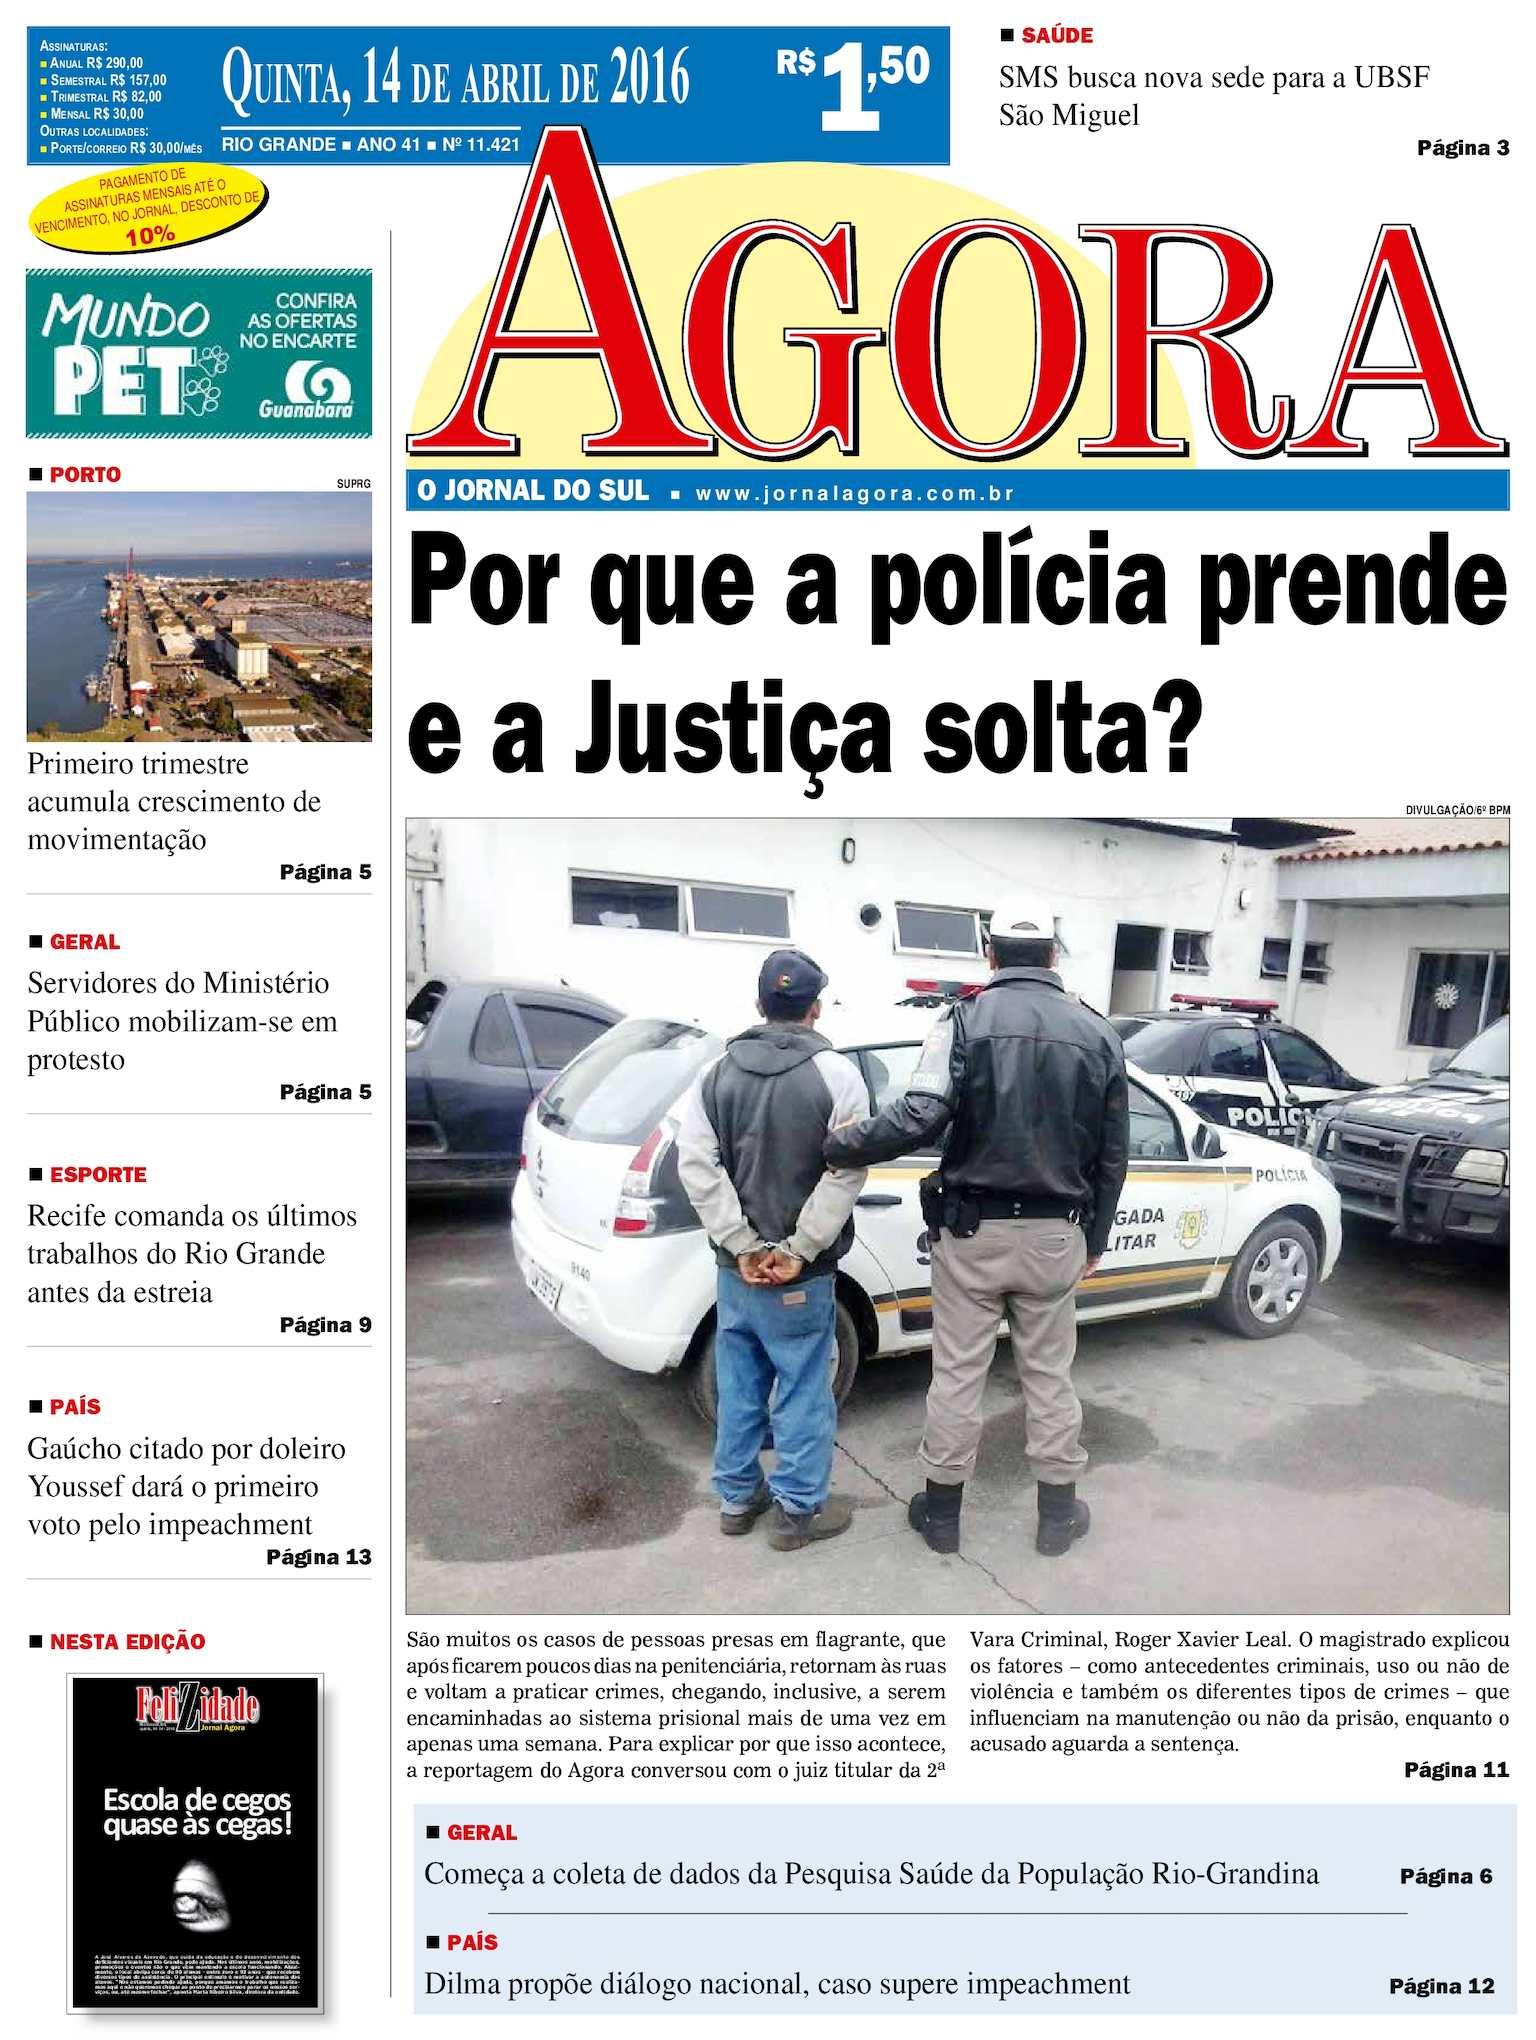 Calaméo - Jornal Agora - Edição 11421 - 14 de Abril de 2016 1b484017ad5